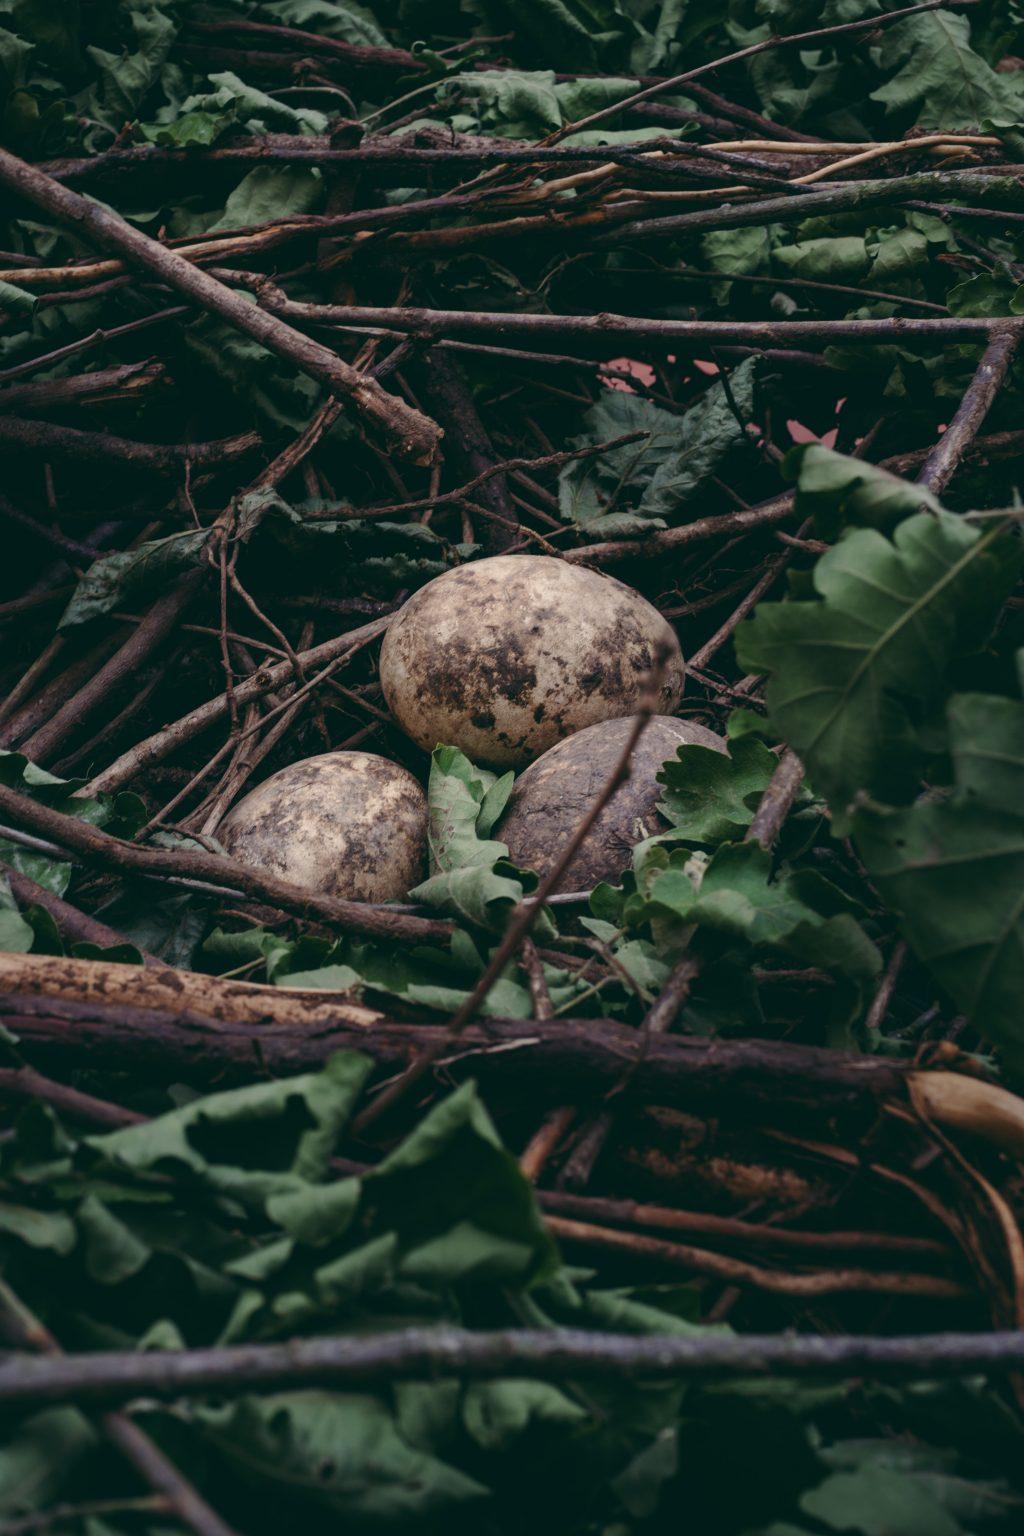 Valdivienne, France, May 2019 - Eggs in Mildred's nest; the stork produces them, but as she has no partner of her own species, the eggs are not fertilised. >< Valdivienne, Francia, maggio 2019 -  Le uova nel nido di Mildred; la cicogna le produce, ma non avendo un partner della sua specie, le uova non vengono fecondate.*** SPECIAL   FEE   APPLIES ***